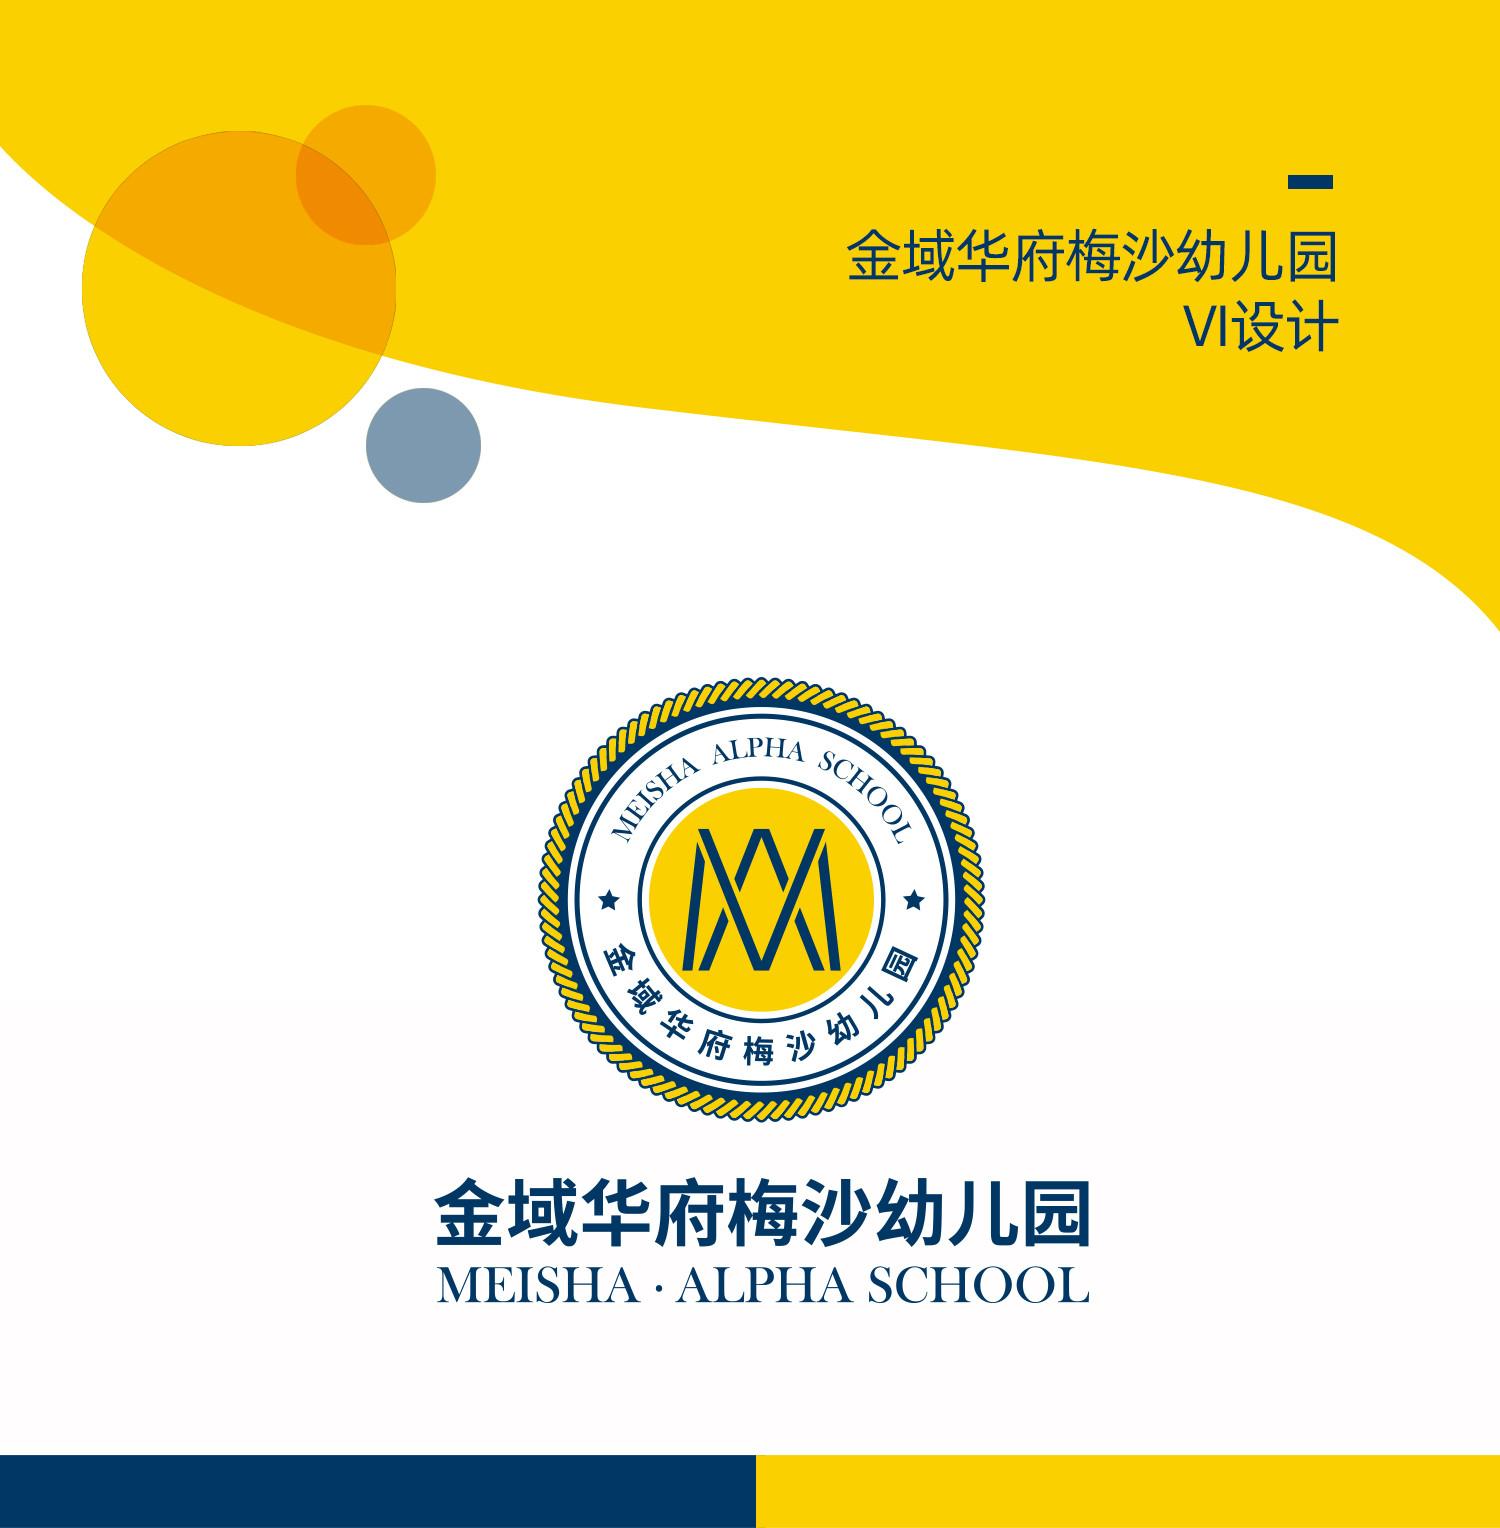 幼儿园logo/VI设计